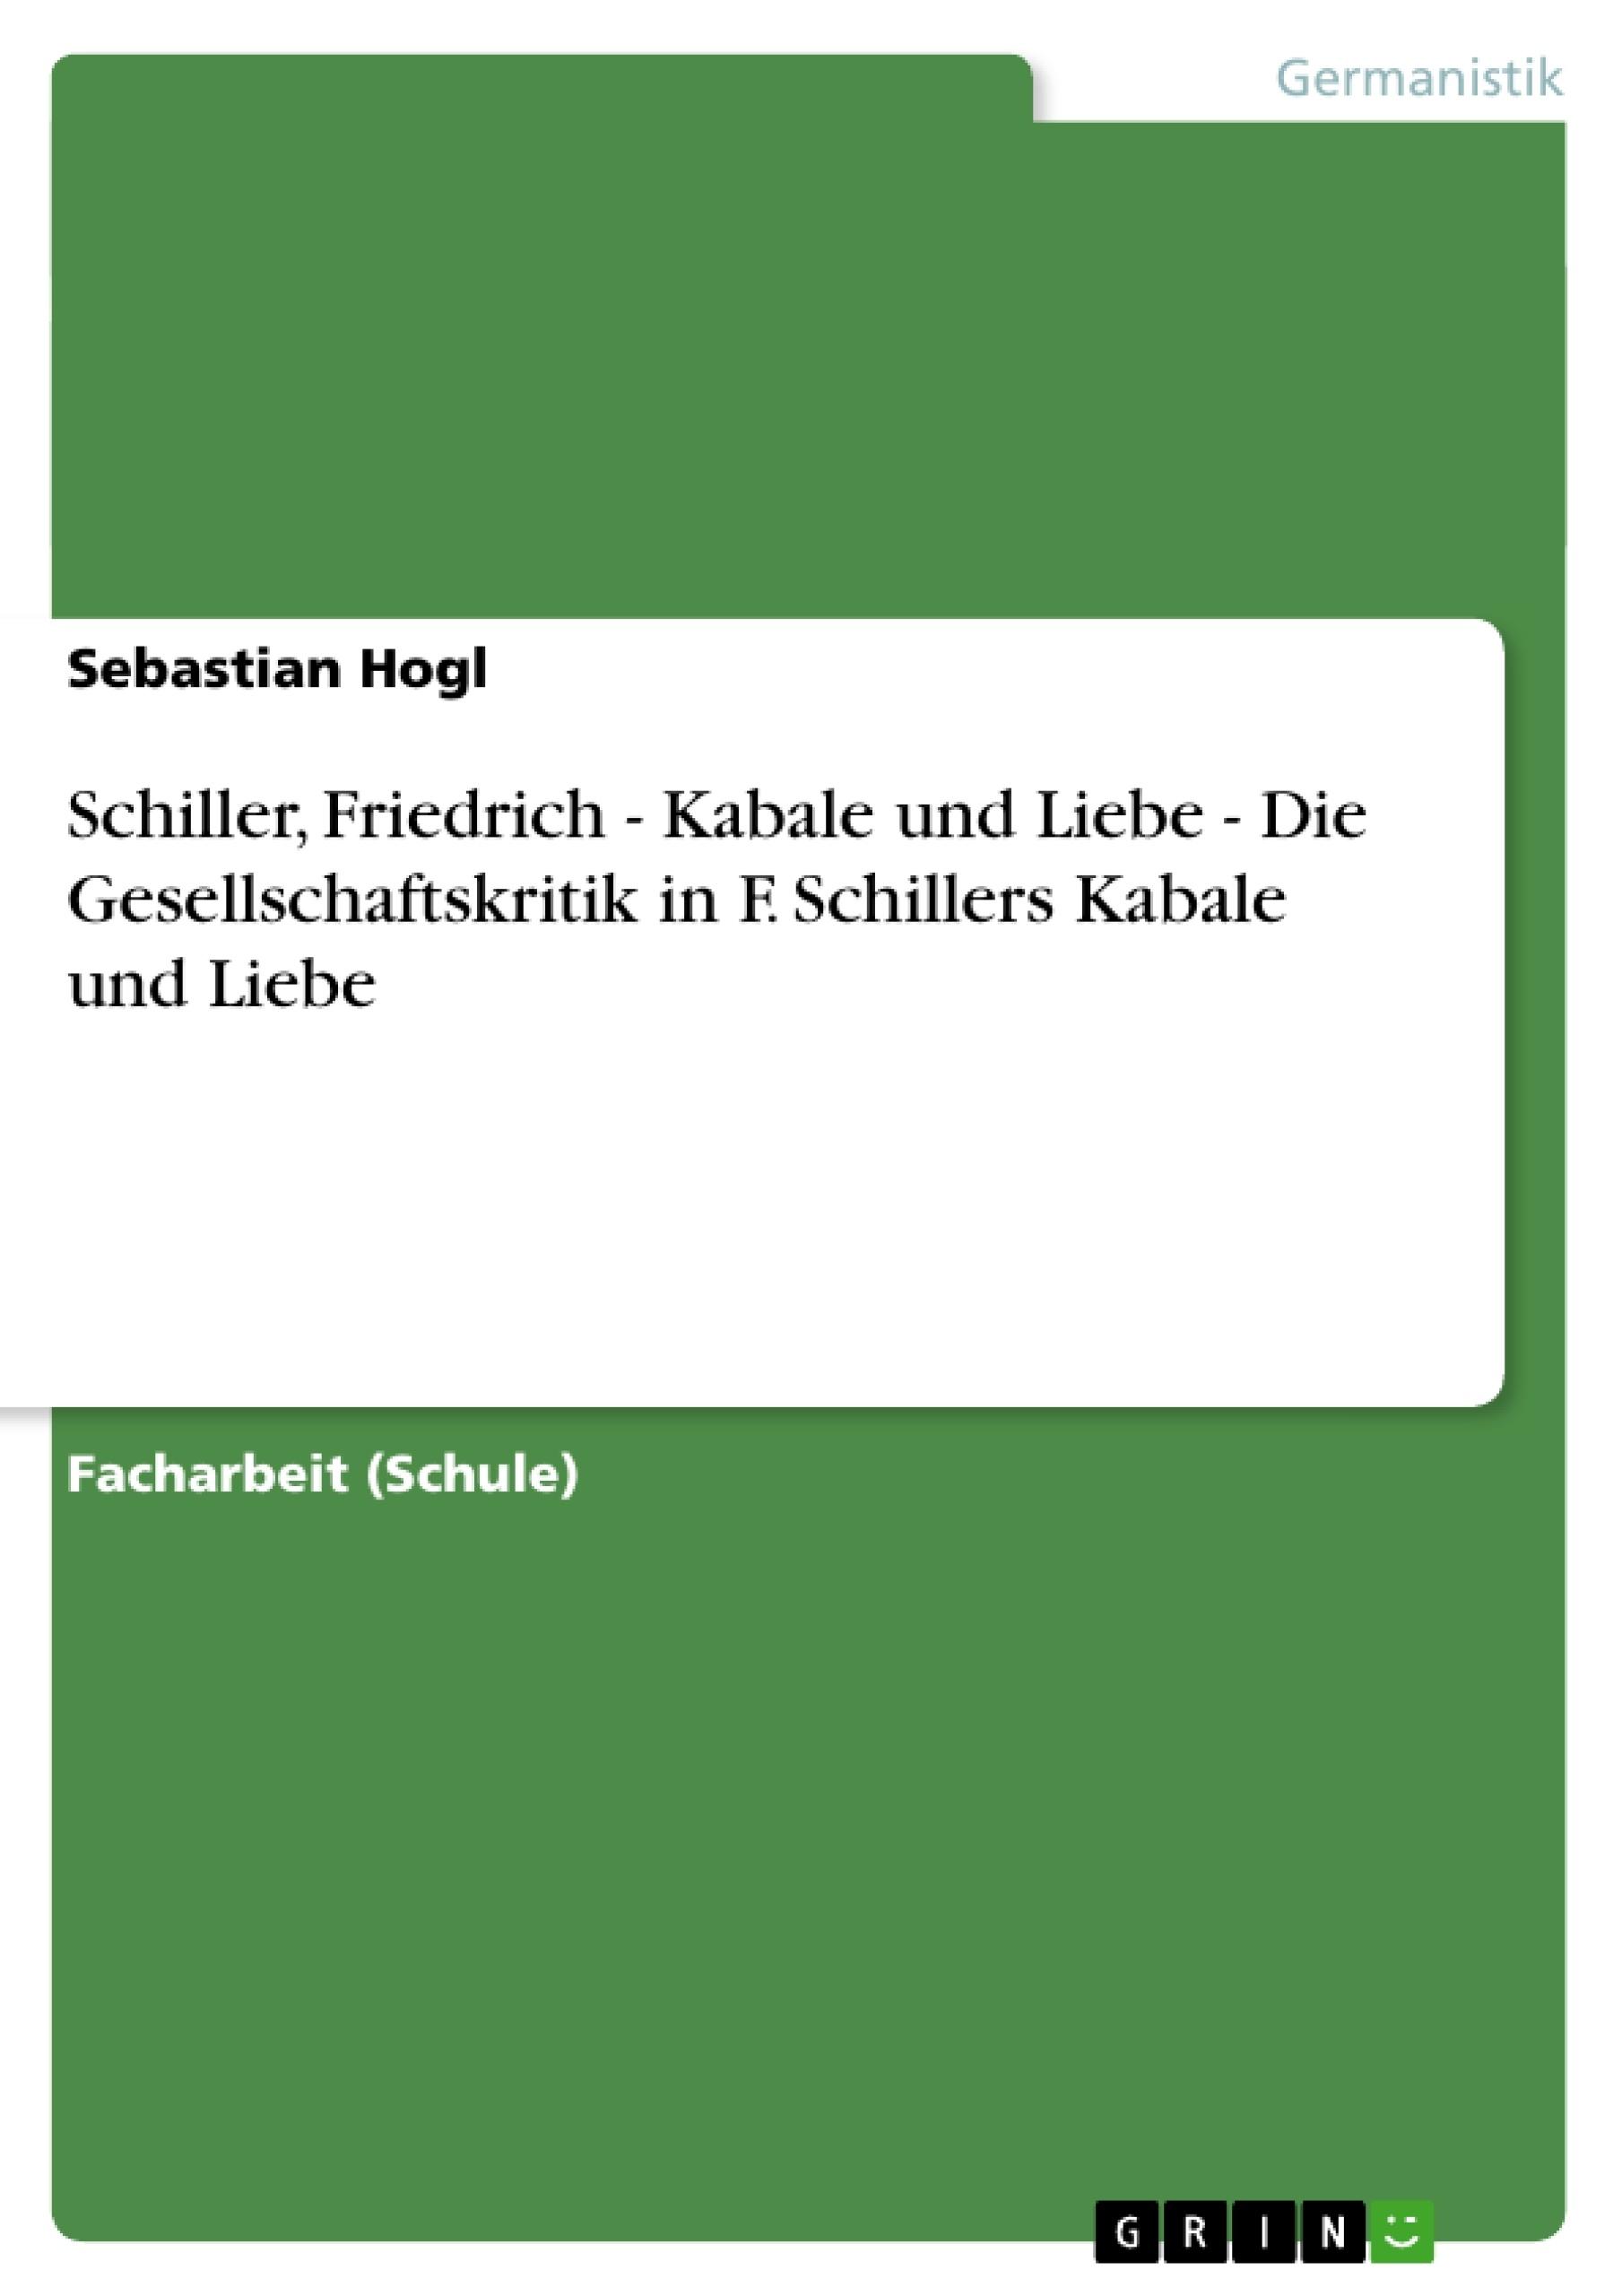 Titel: Schiller, Friedrich - Kabale und Liebe - Die Gesellschaftskritik in F. Schillers Kabale und Liebe